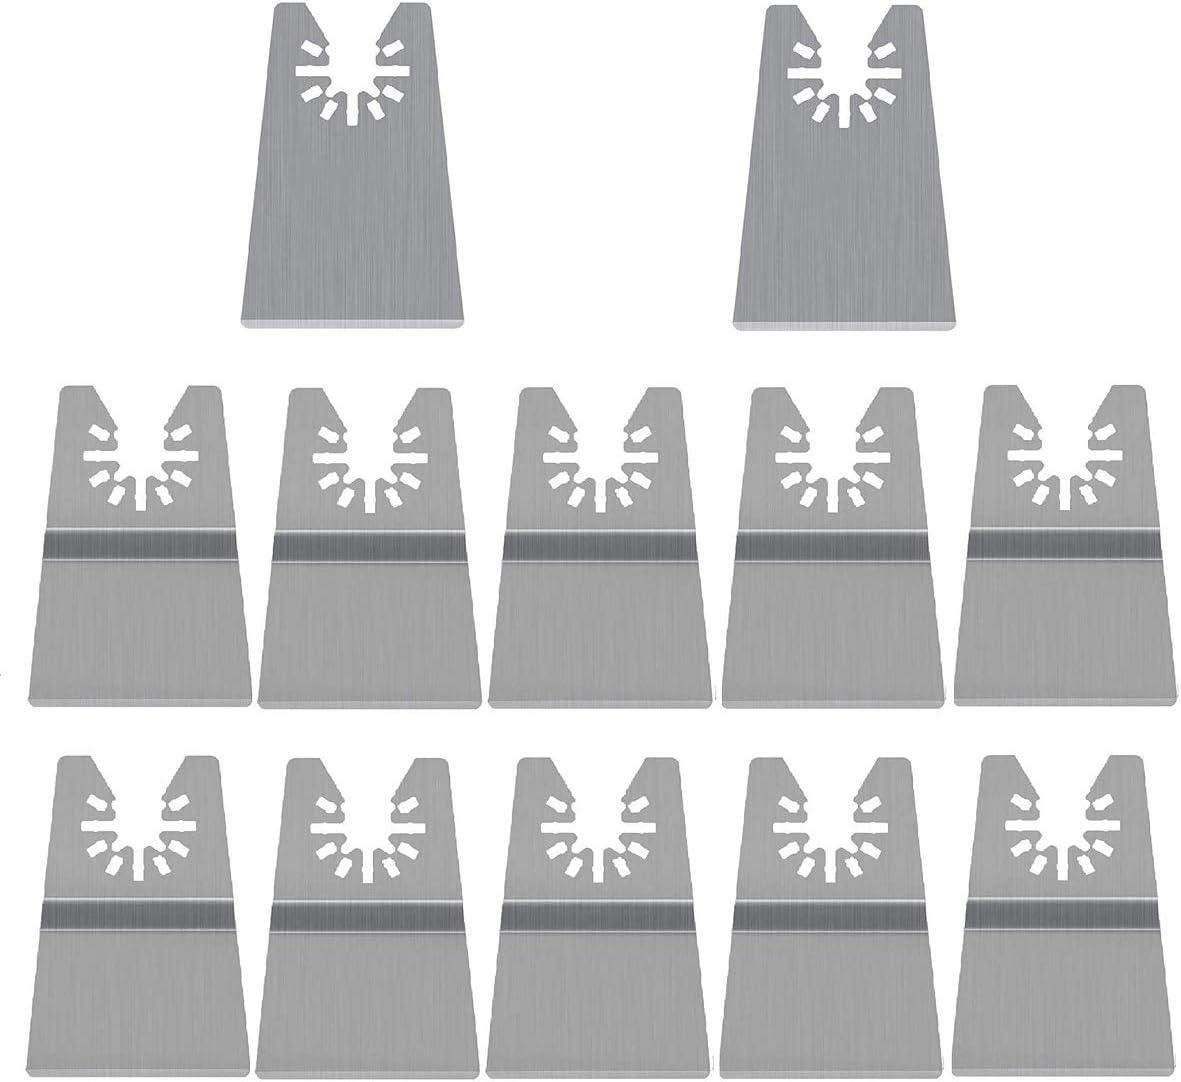 TONGXU 12PCS Juego de Cuchillas Oscilantes Acero Inoxidable Hojas de Sierra Flexibles R/ígidas Accesorios para Herramienta El/éctrica de Carga R/ápida